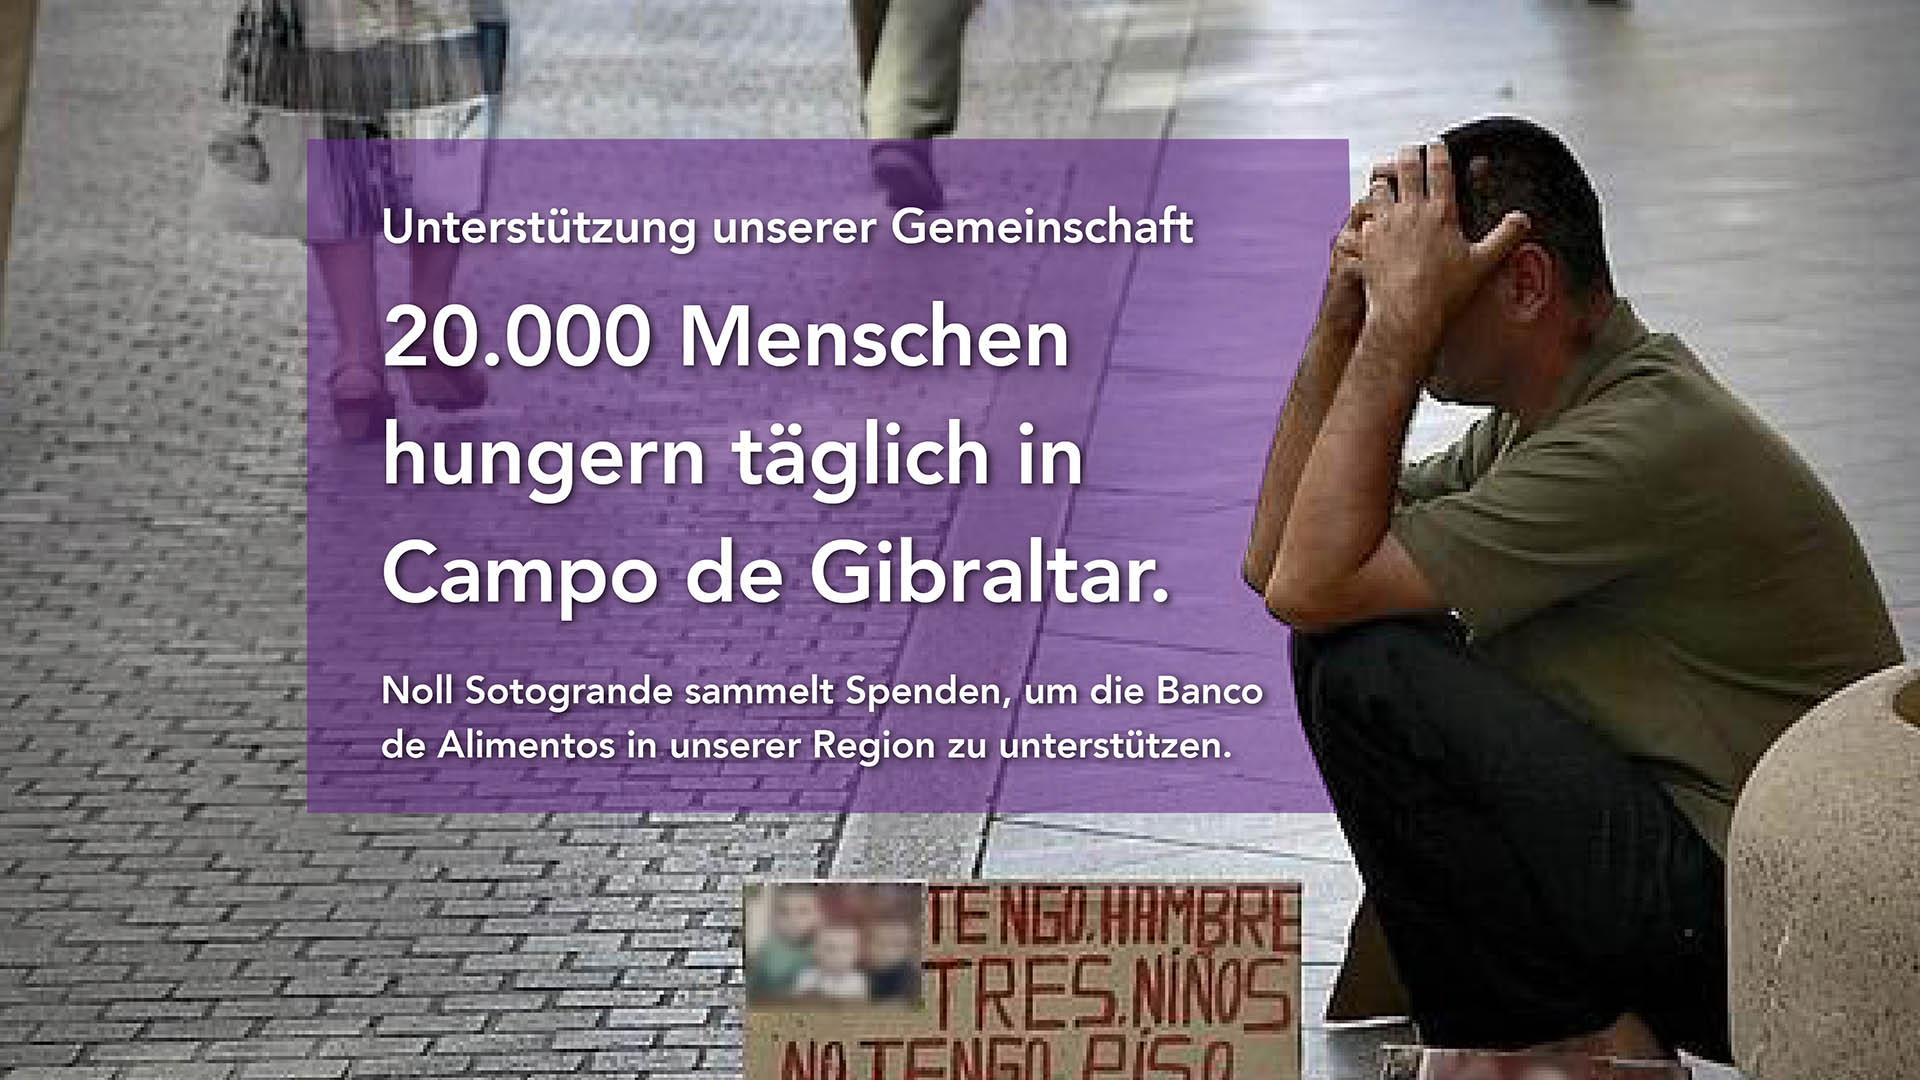 Noll Sotogrande Immobilien unterstützt Banco de Alimentos